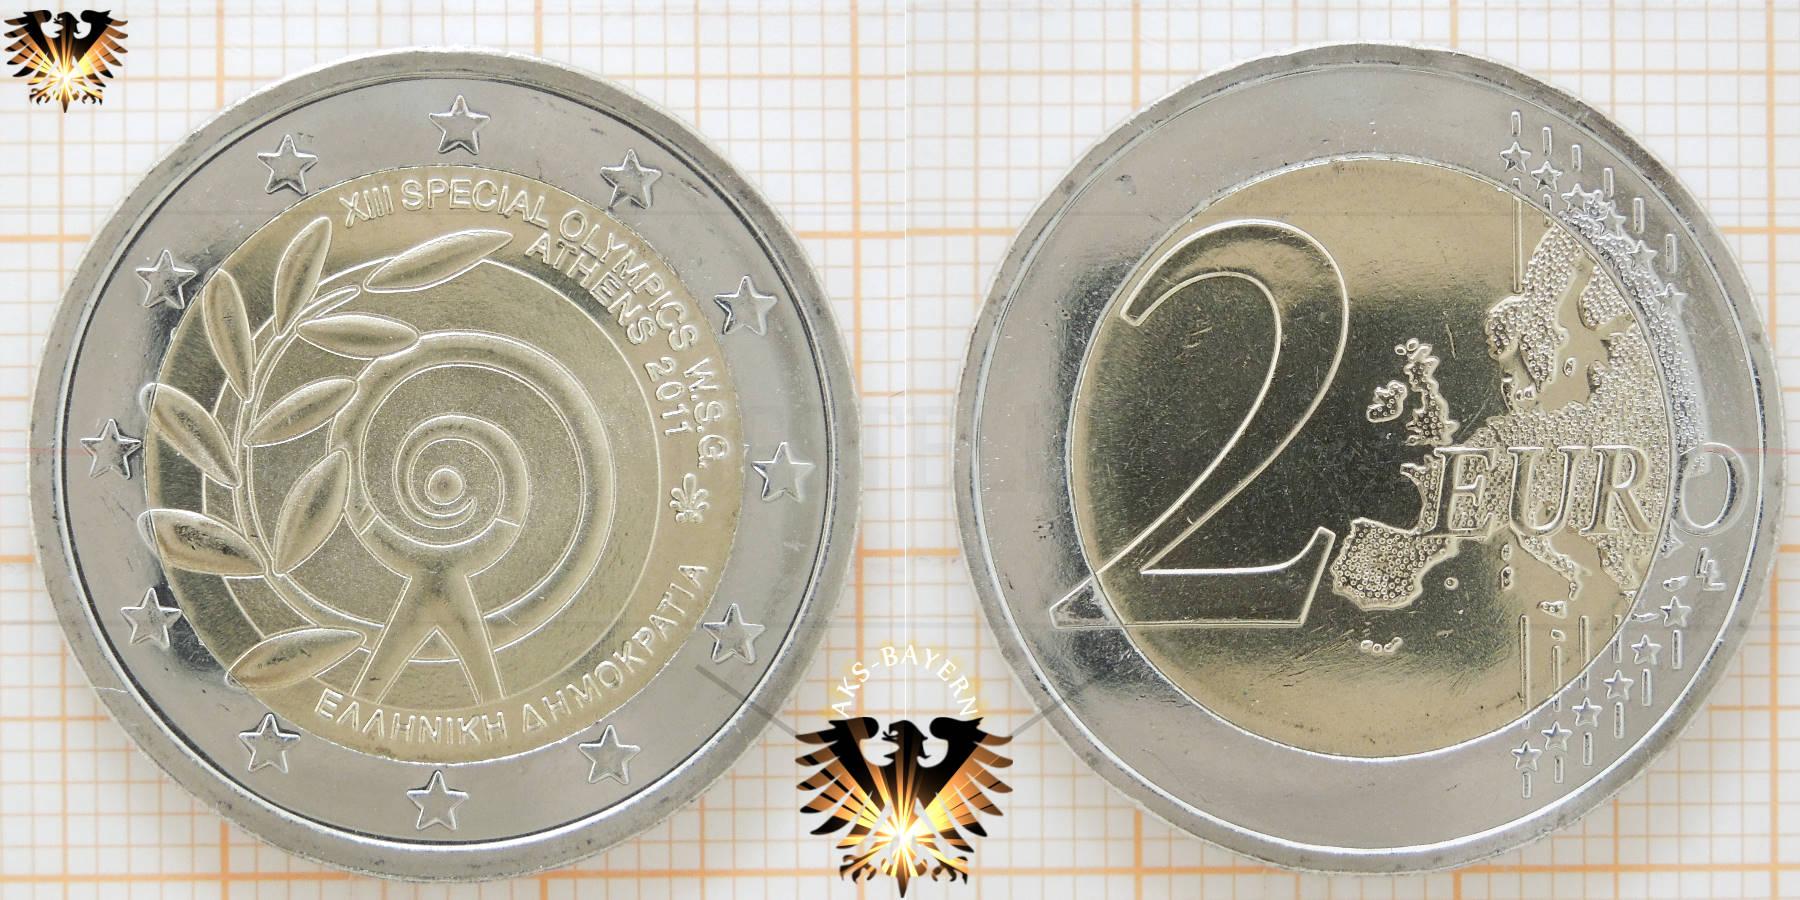 2 Euro Griechenland 2011 Gedenkmünze Xiii Olympische Spiele In Athen